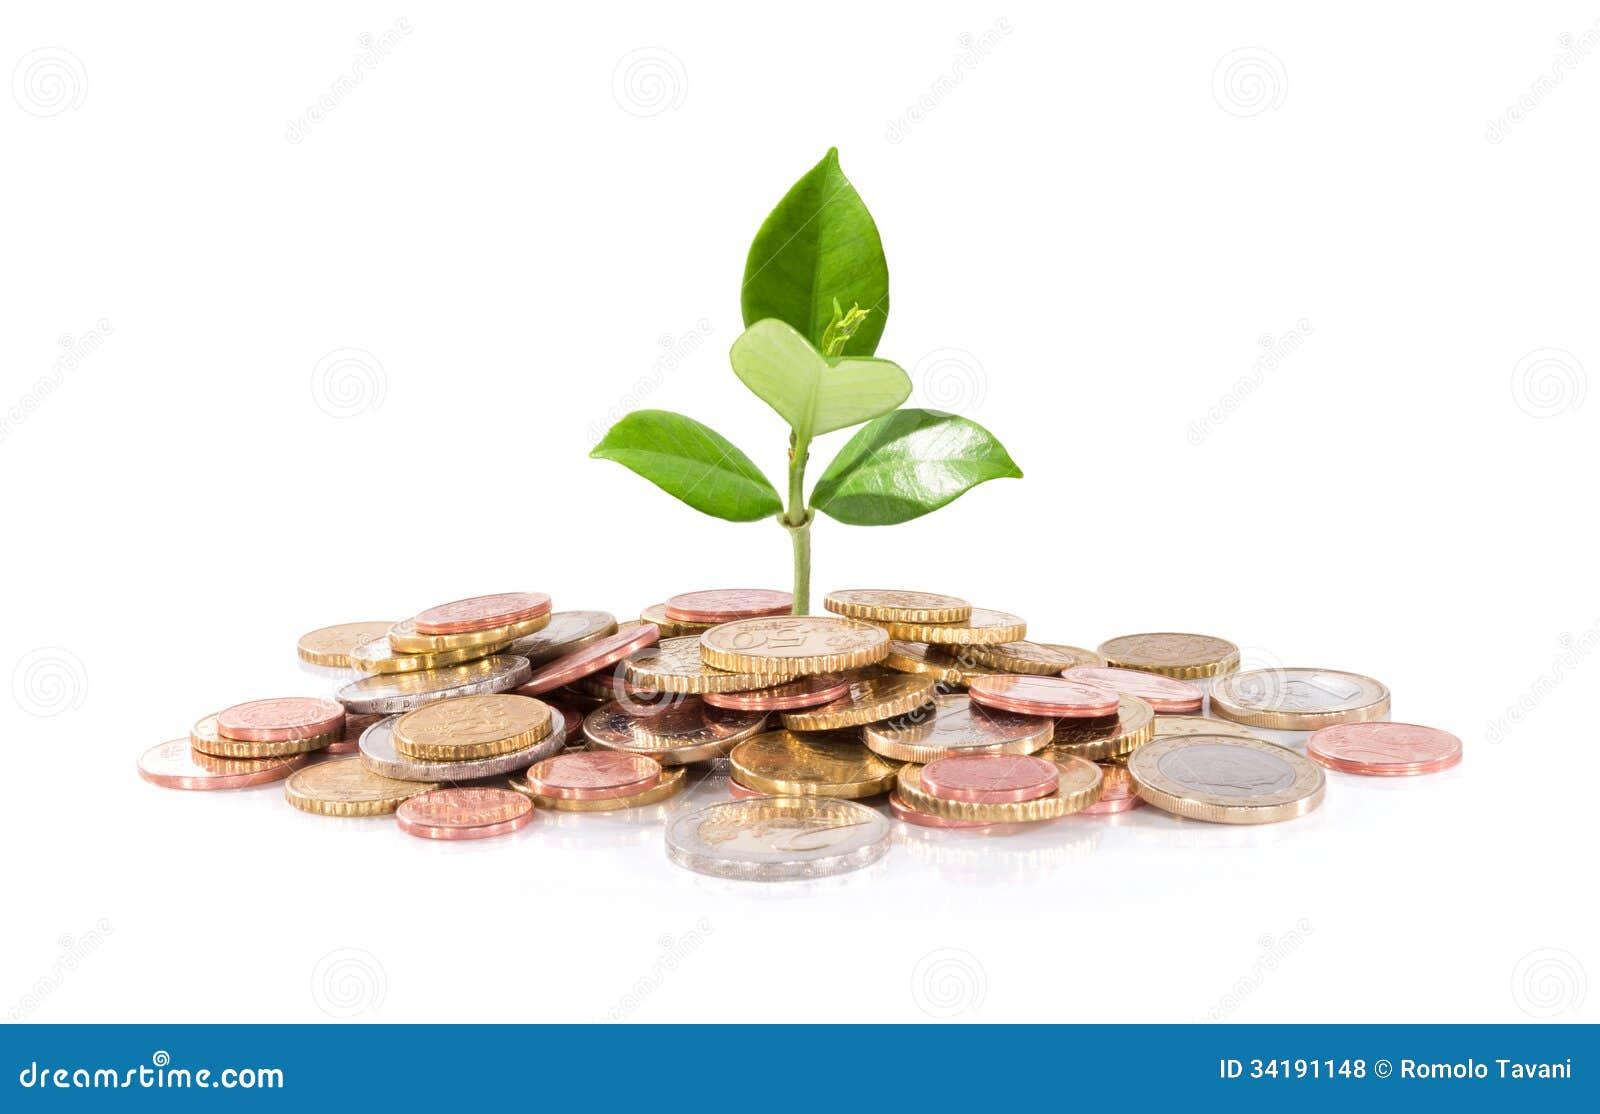 Soldi e pianta - nuovo affare di finanza